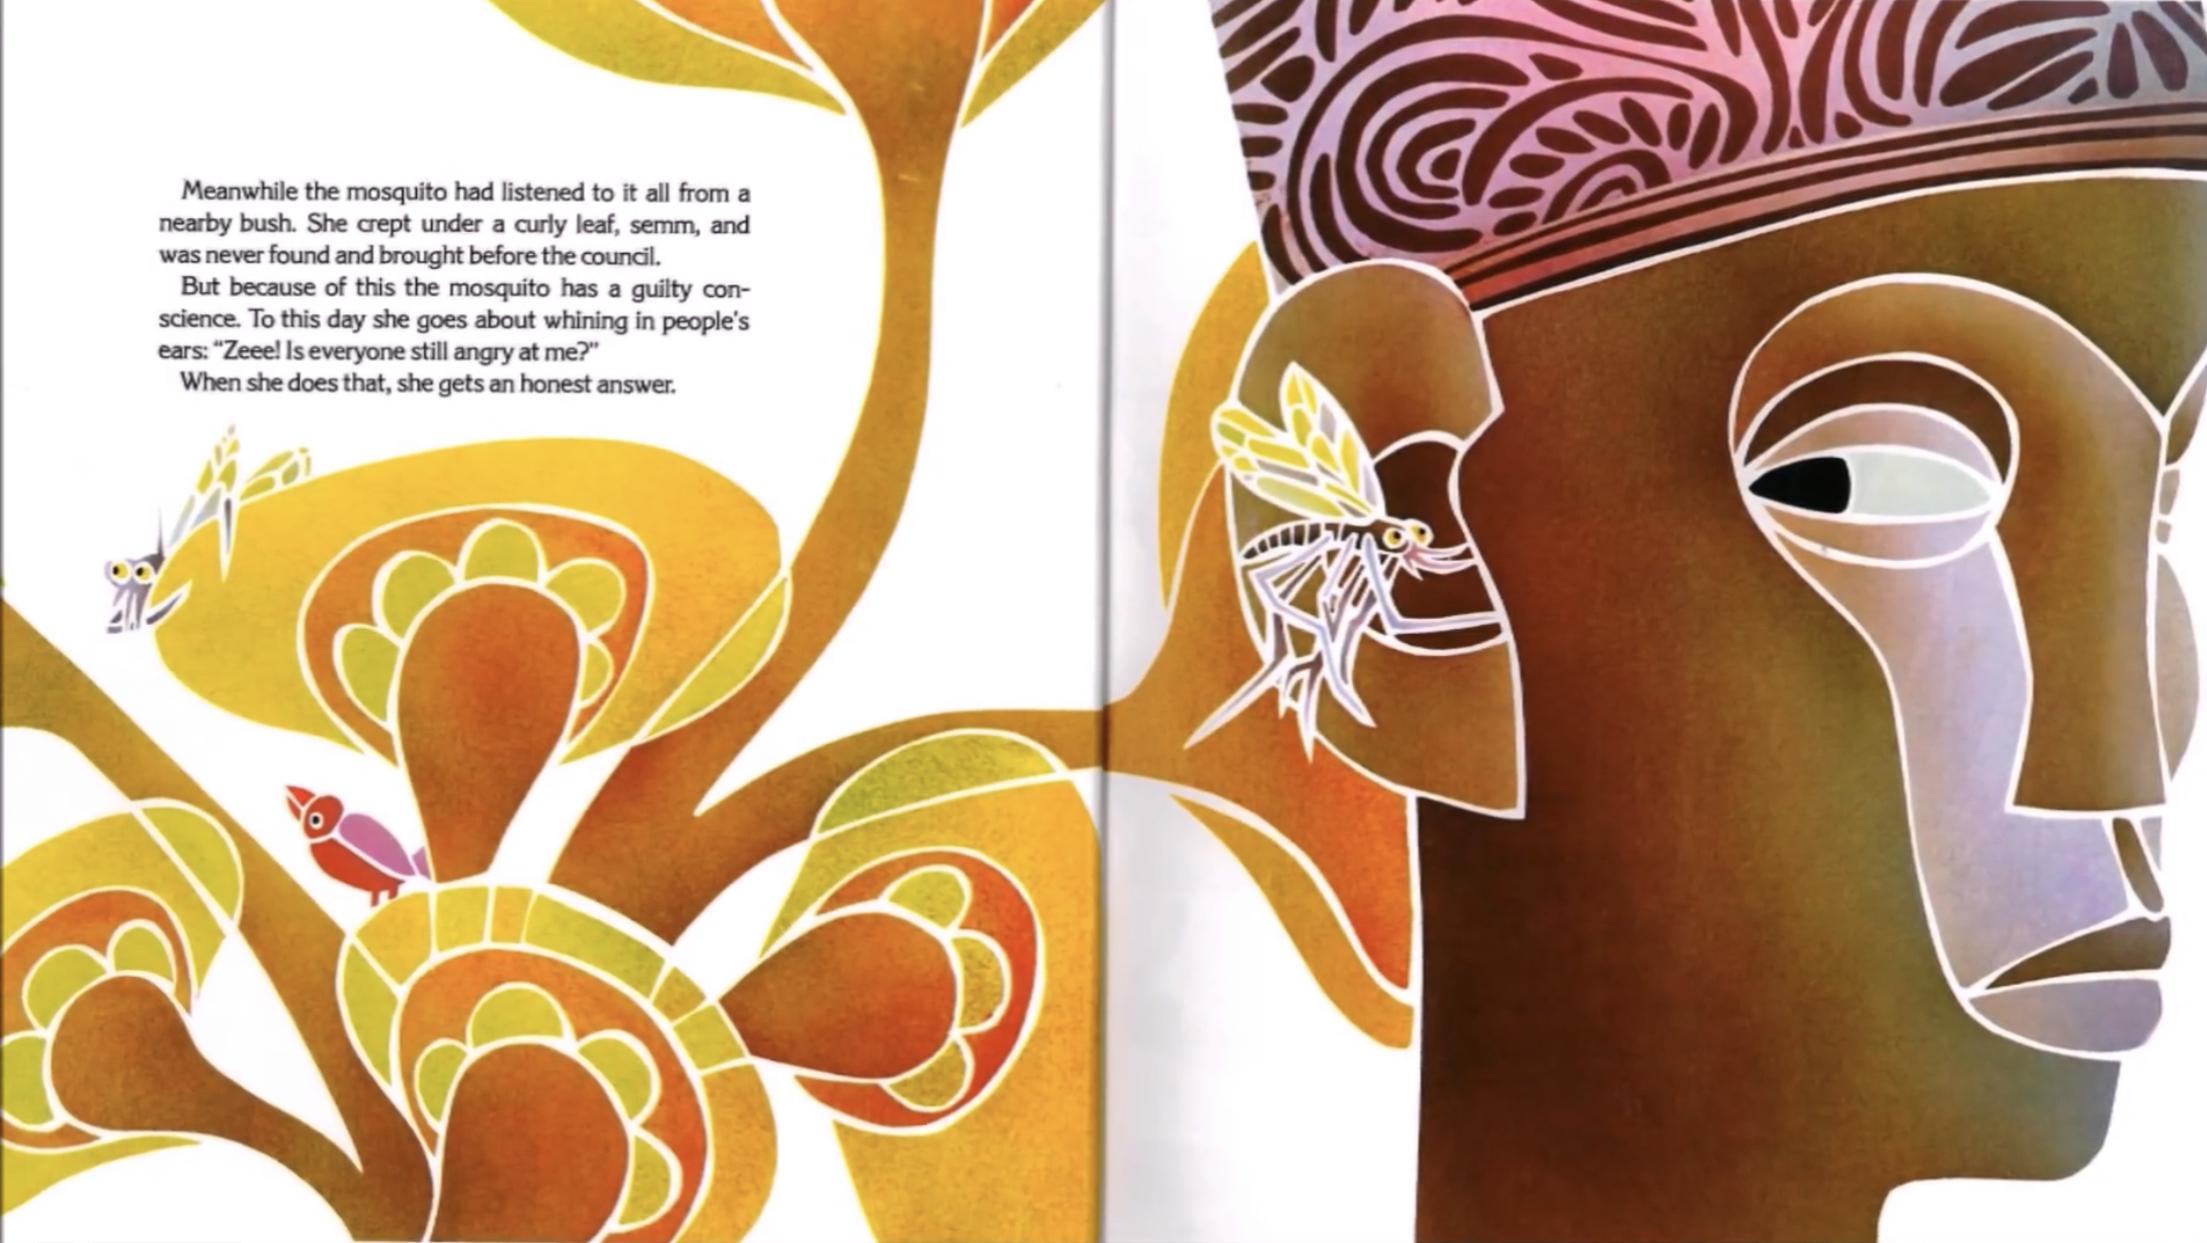 兒童書籍《Why Mosquitoes Buzz in People's Ears: A West African Tale 》一書中,二人以插畫描繪西非的民間故事。